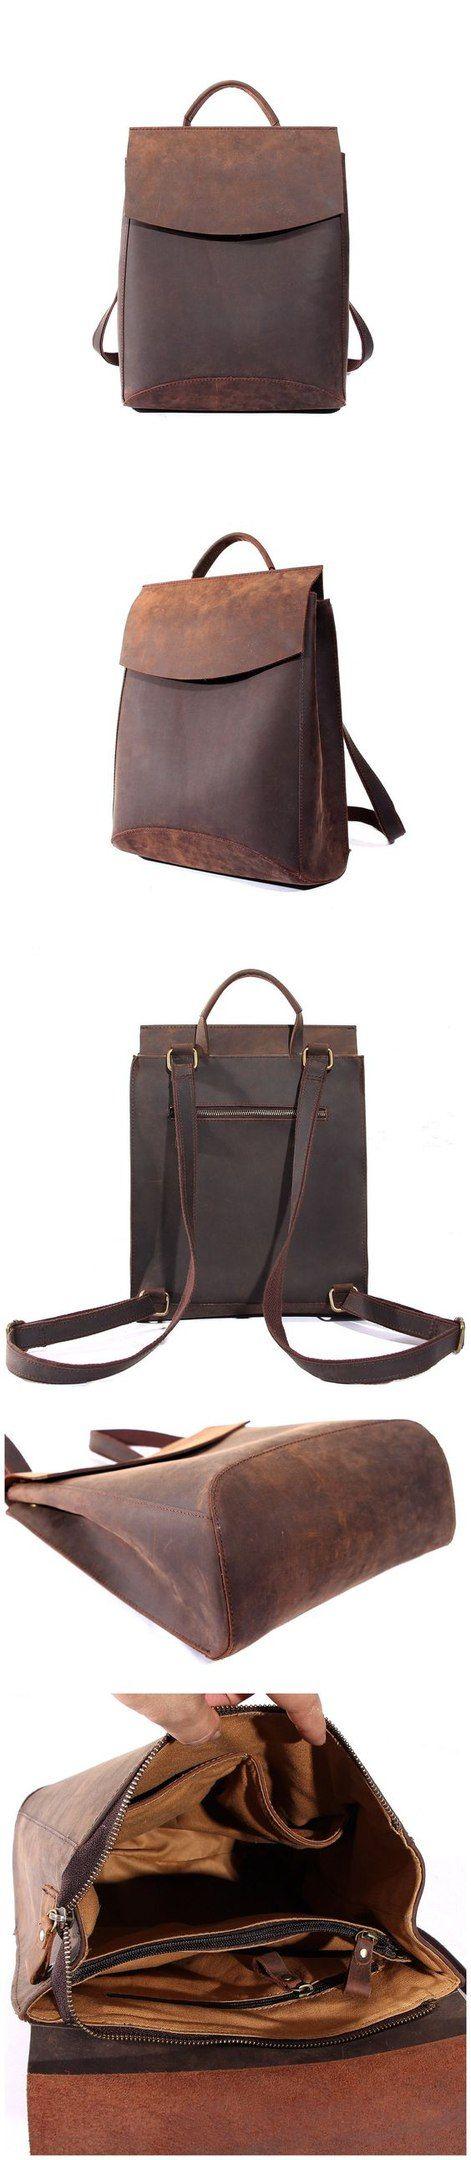 Диалоги Women's Handbags & Wallets - http://amzn.to/2iT2lOF